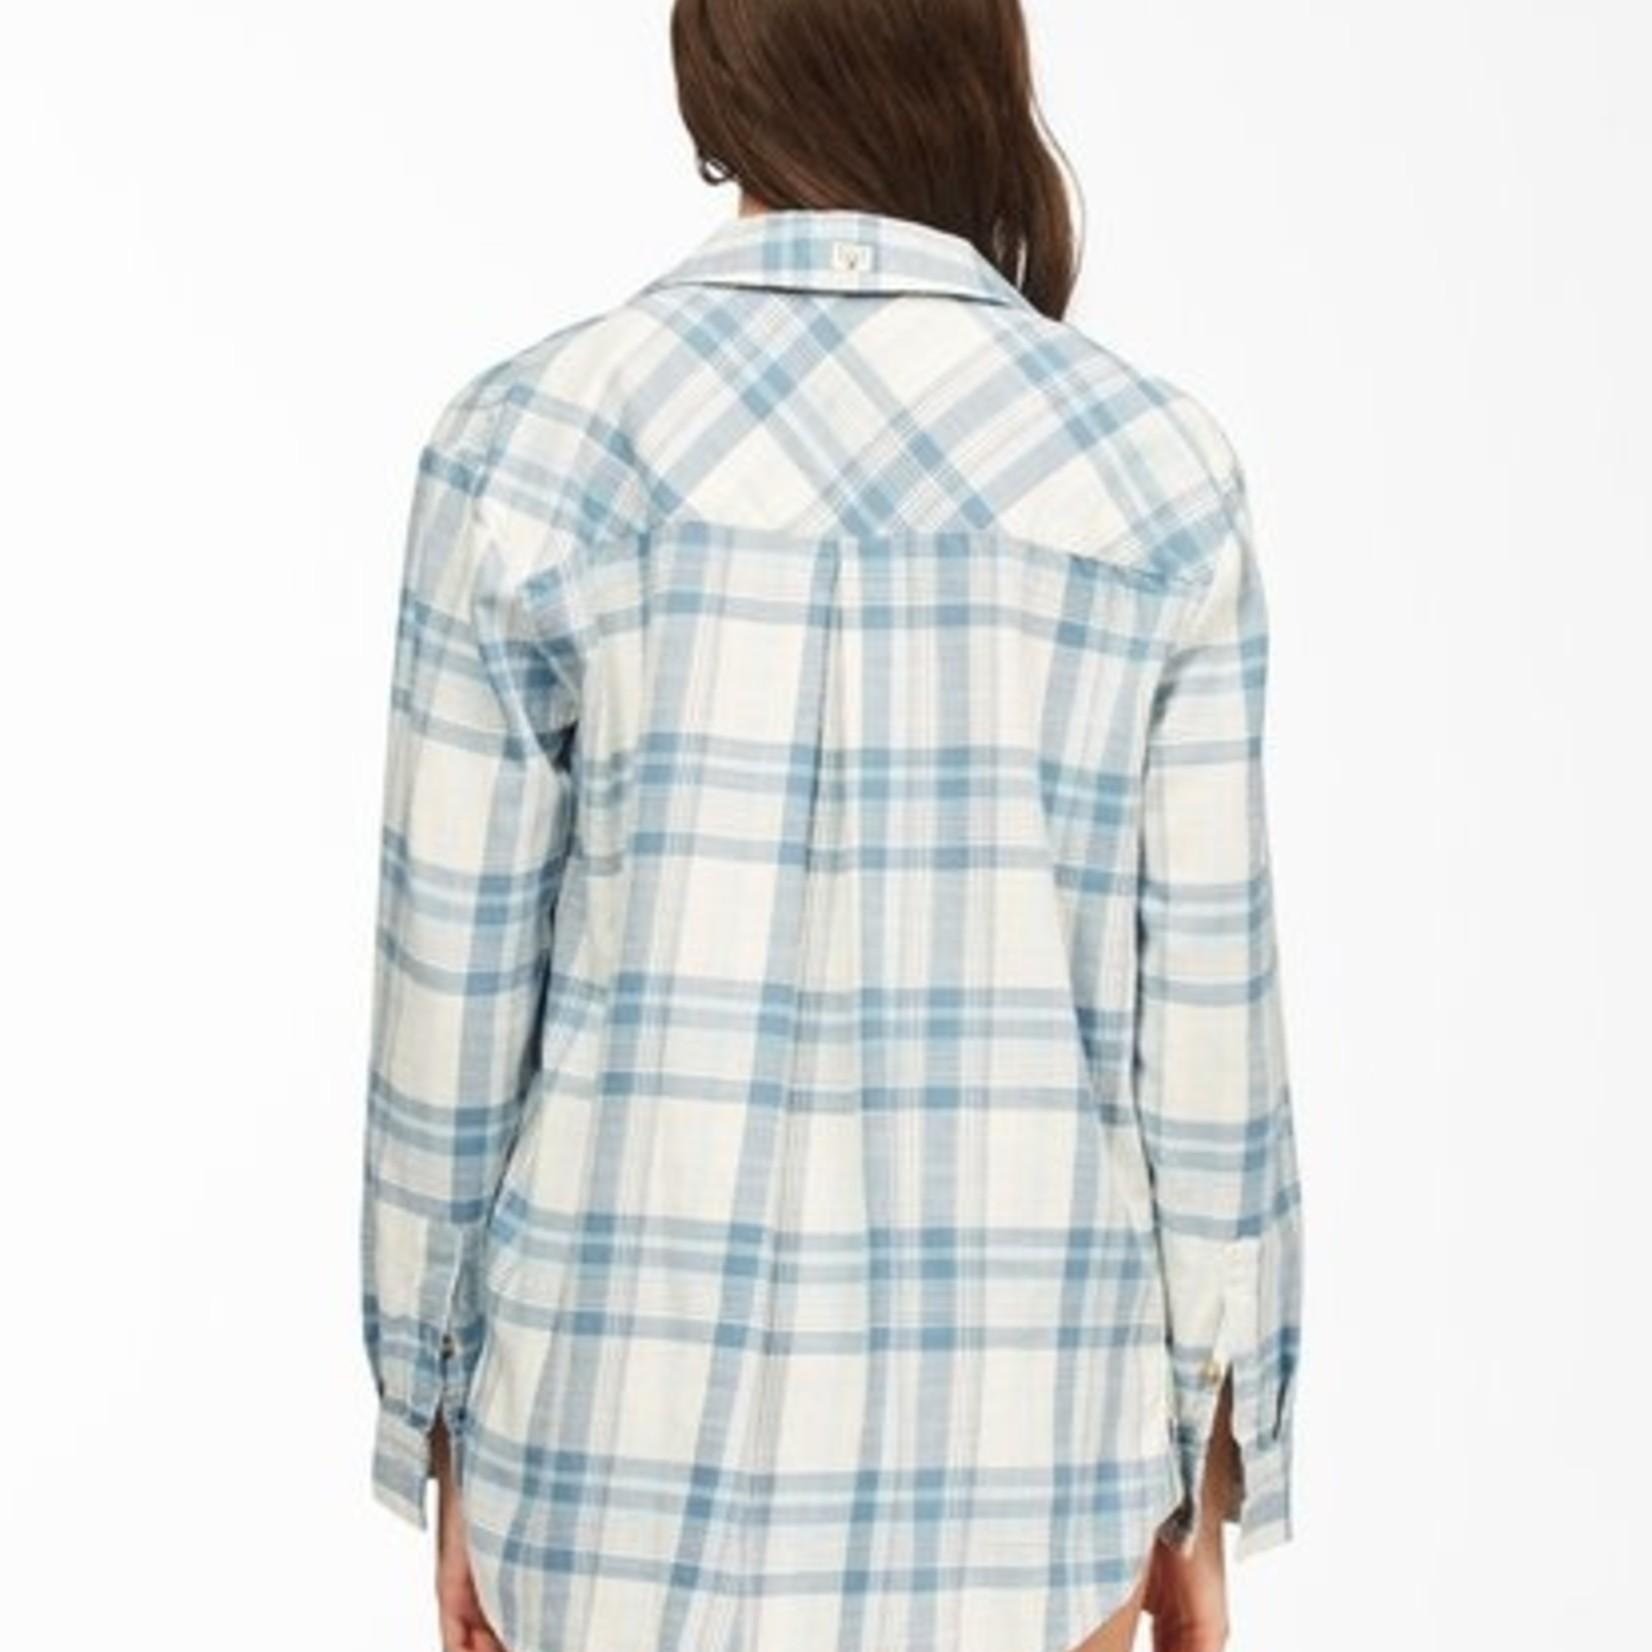 Billabong Billabong East Light Shirt